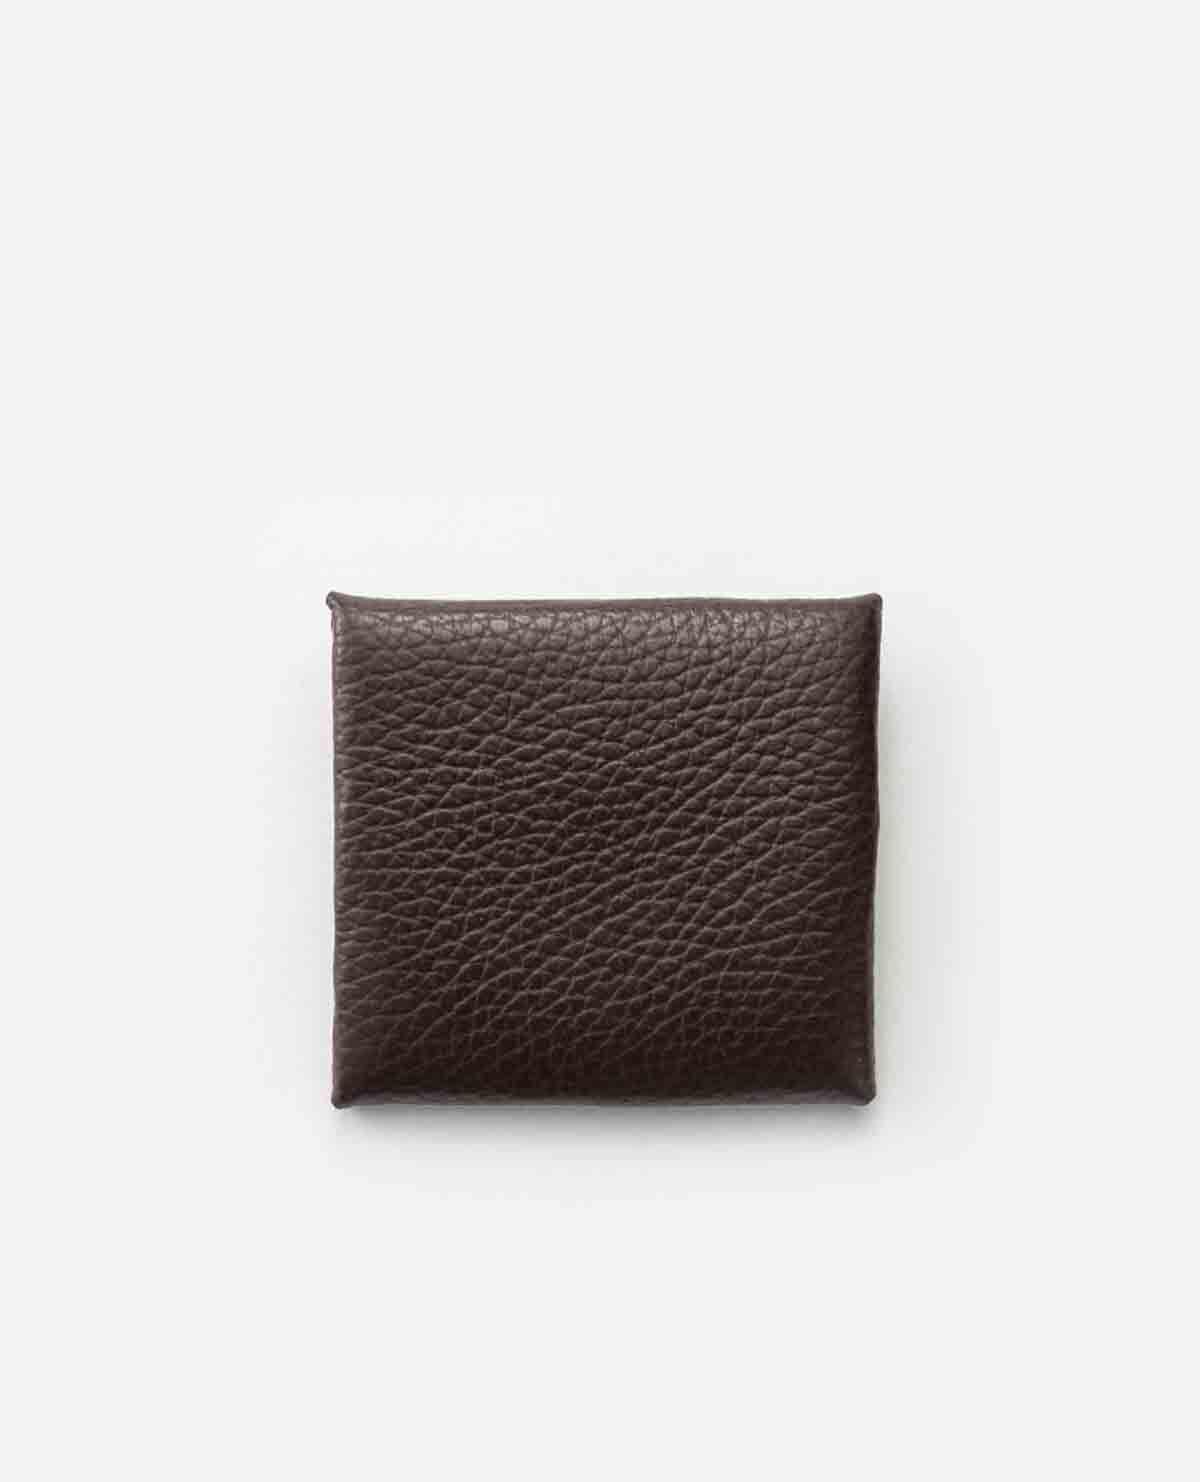 コインポーチ コインケース 財布 小銭入れ